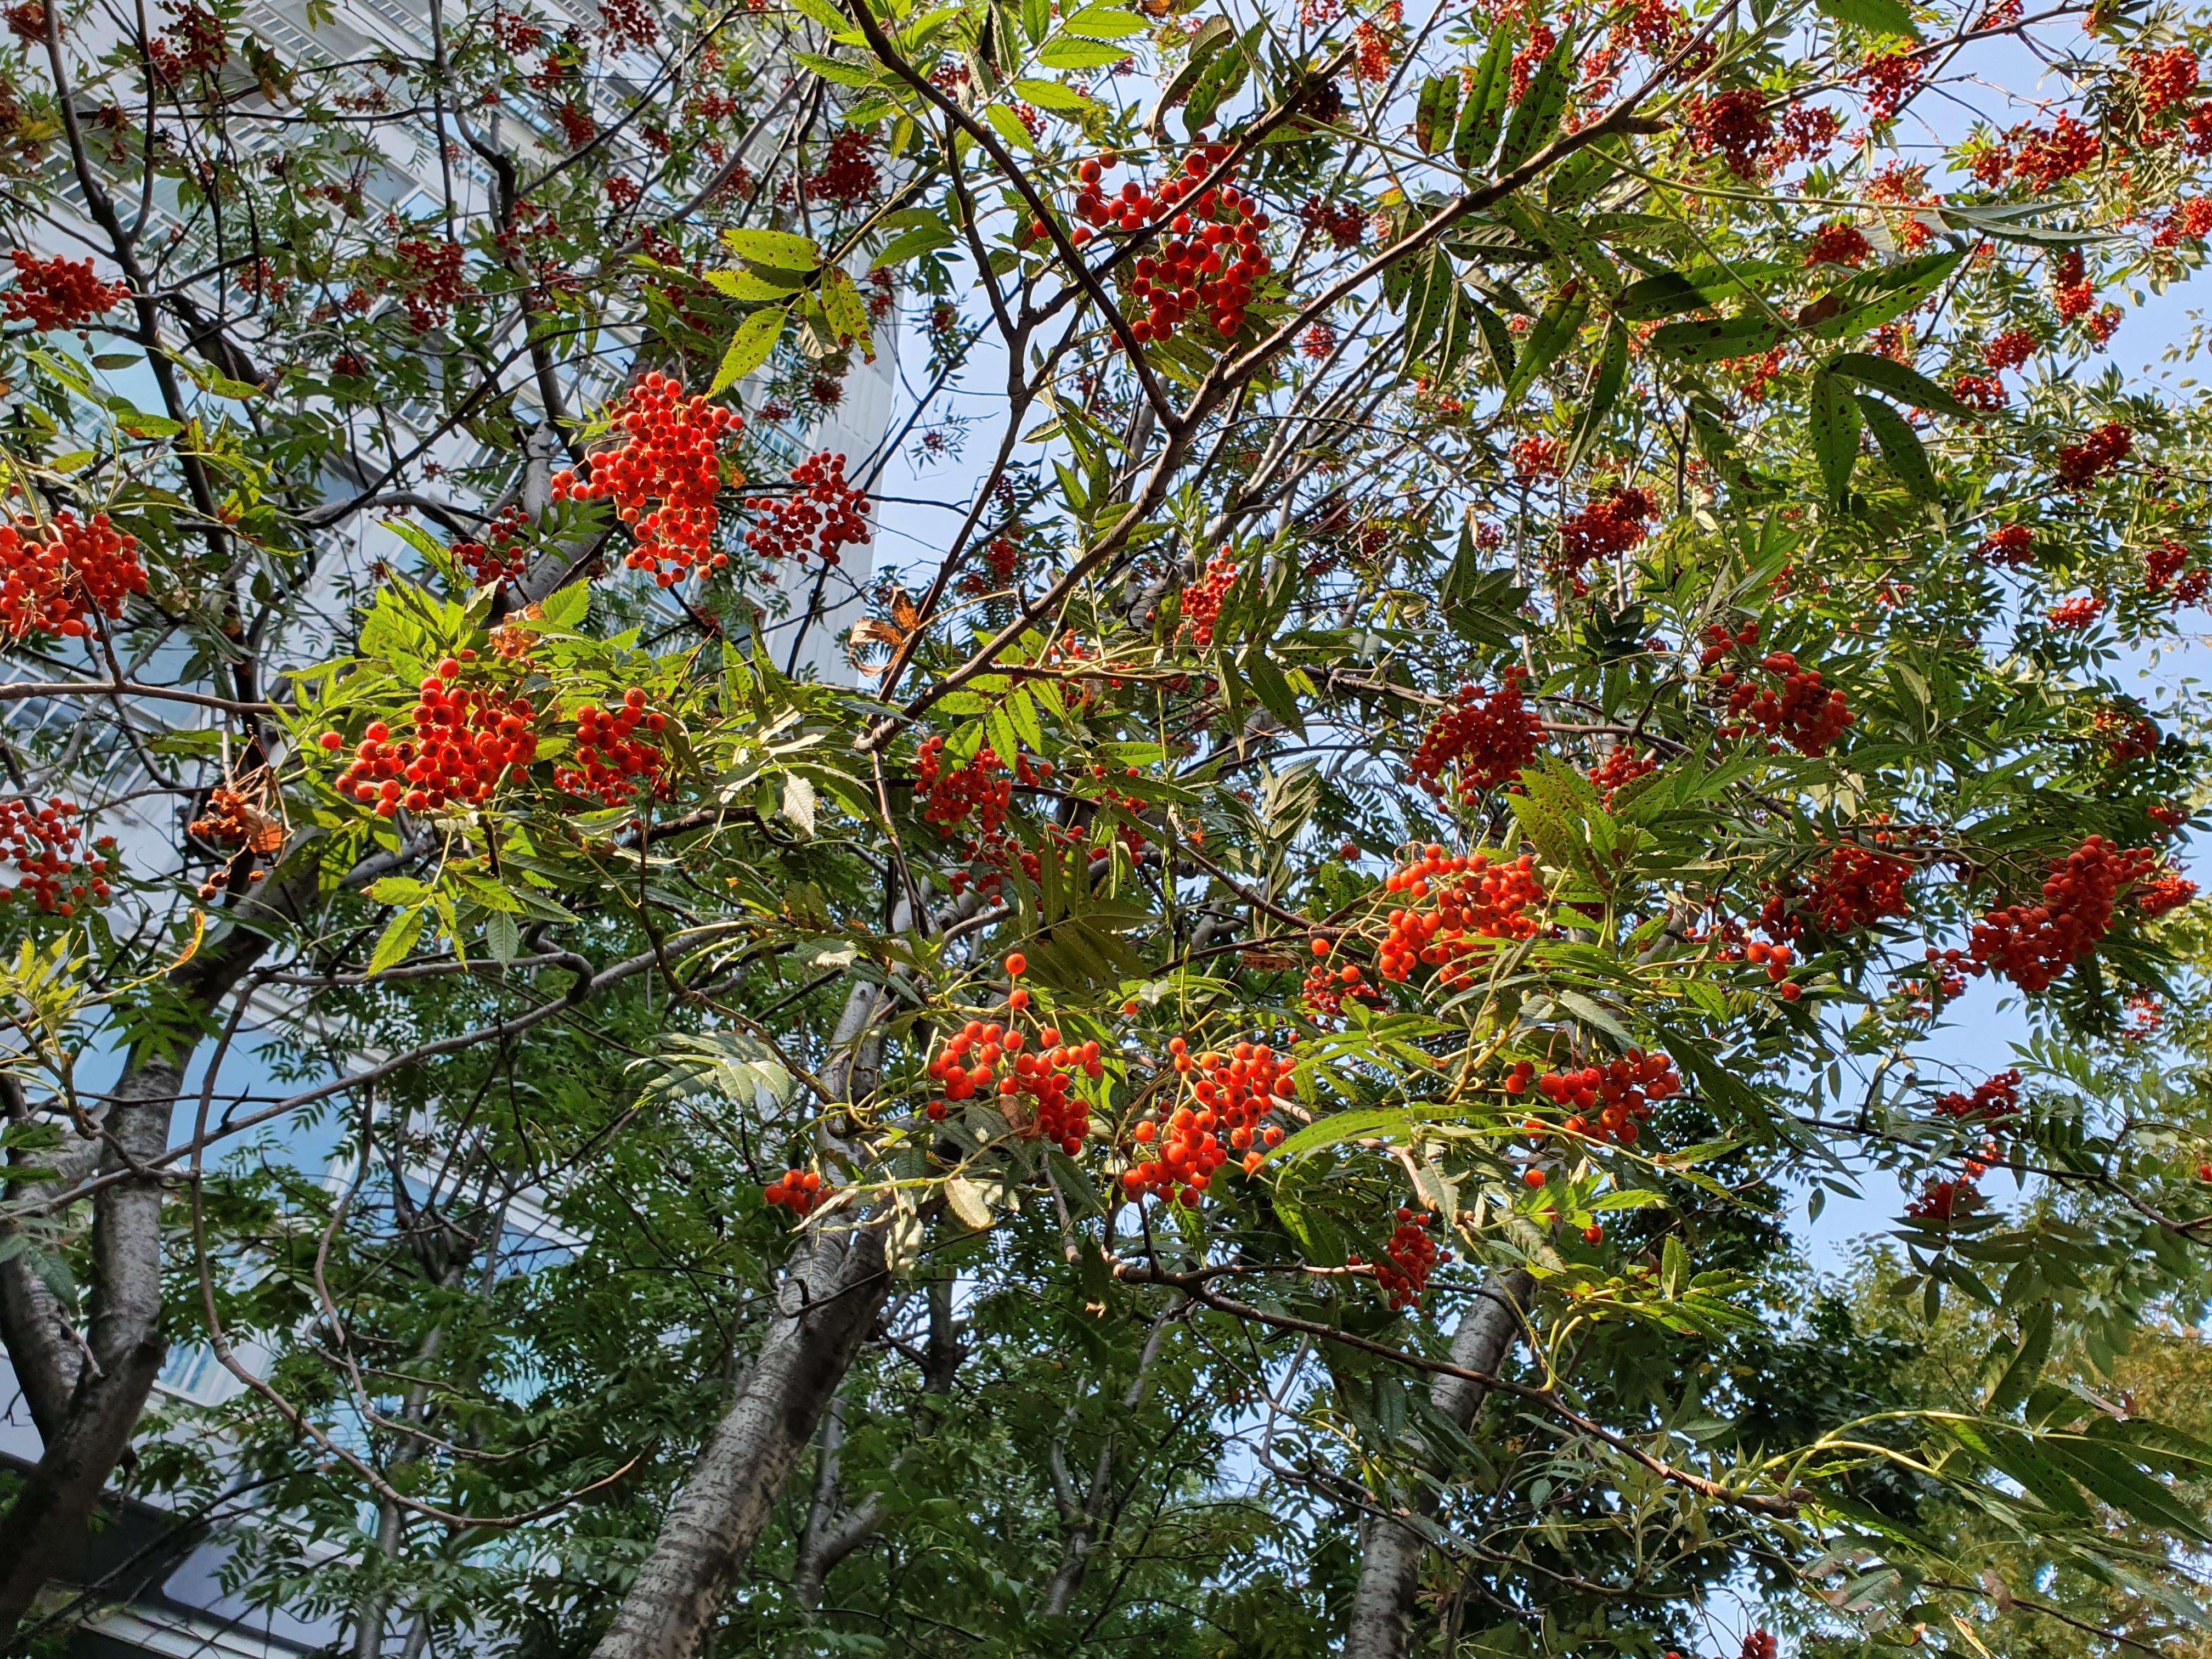 빨간 열매 나무 - 이름은 정확히 모르겠습니다.